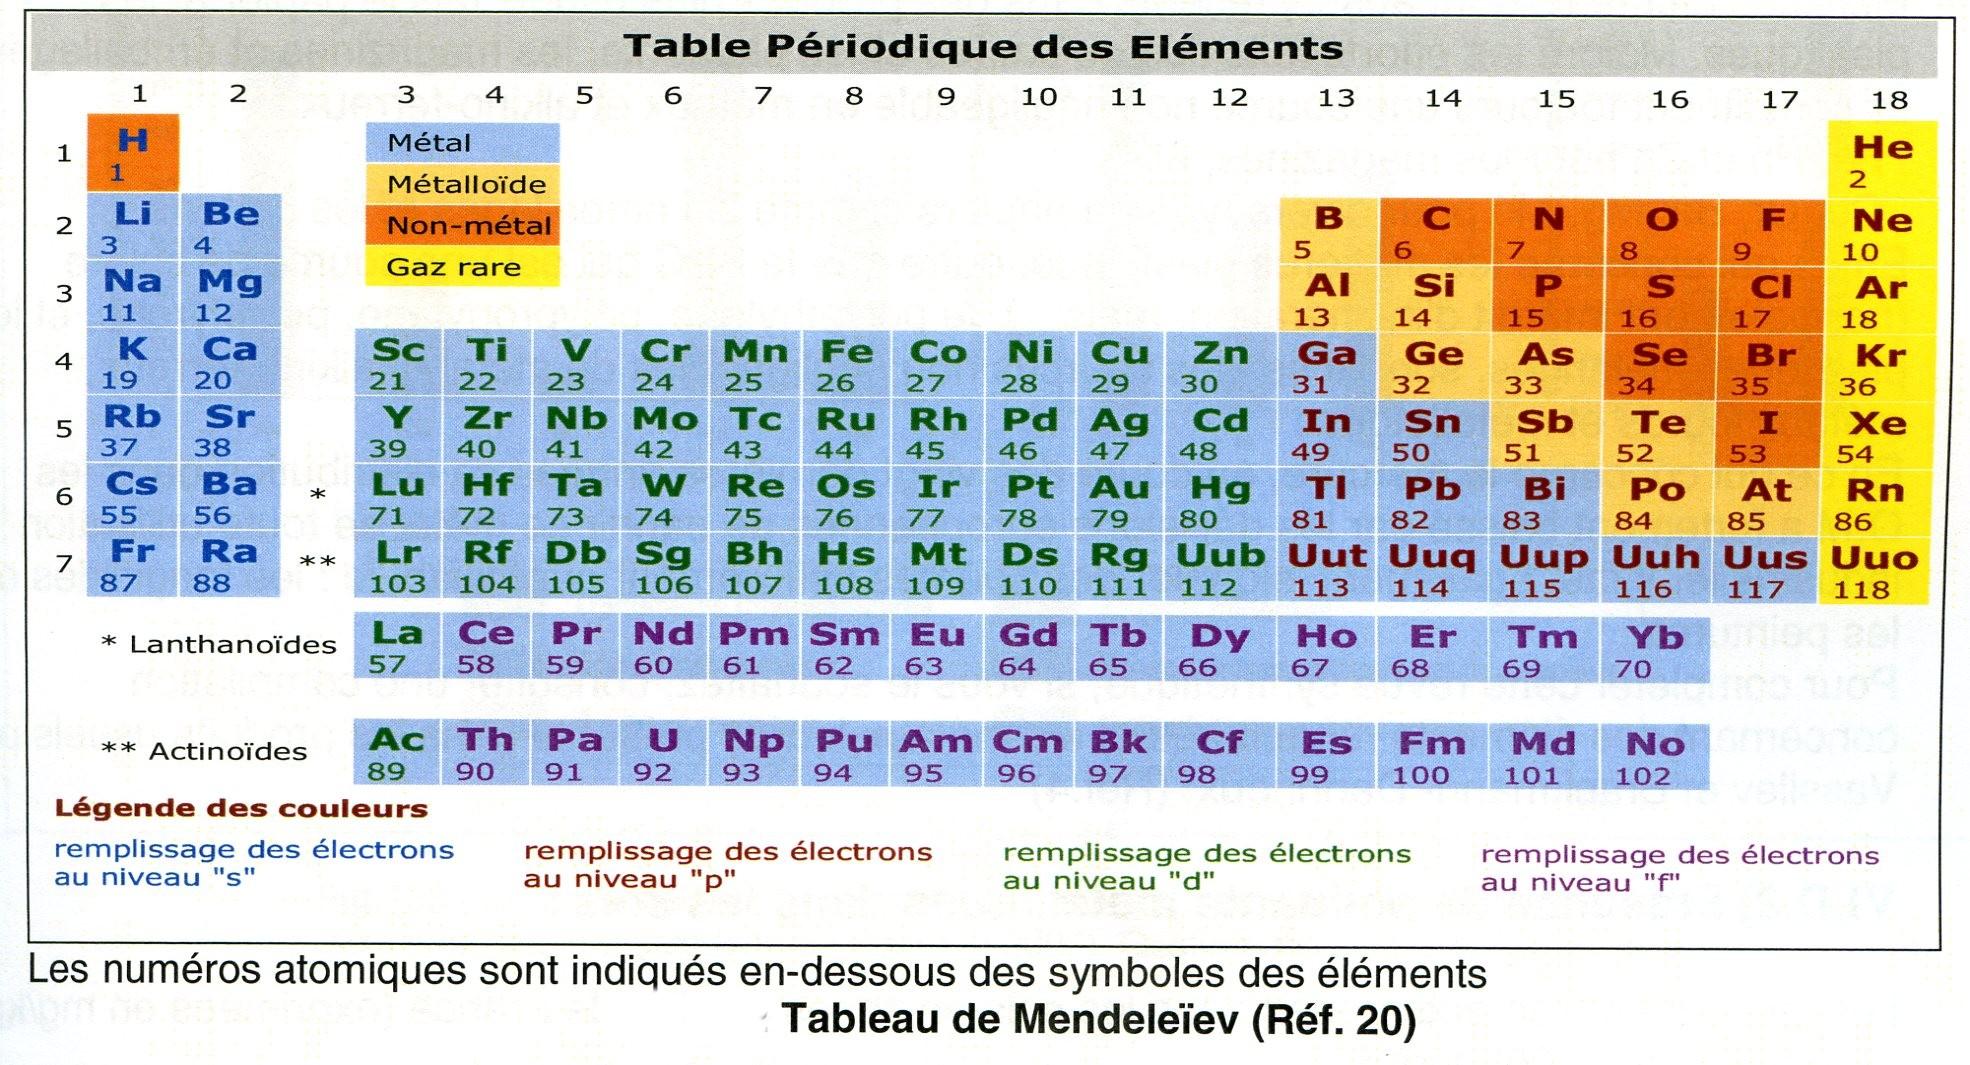 Metaux Et Metalloides Dechets Des Menages